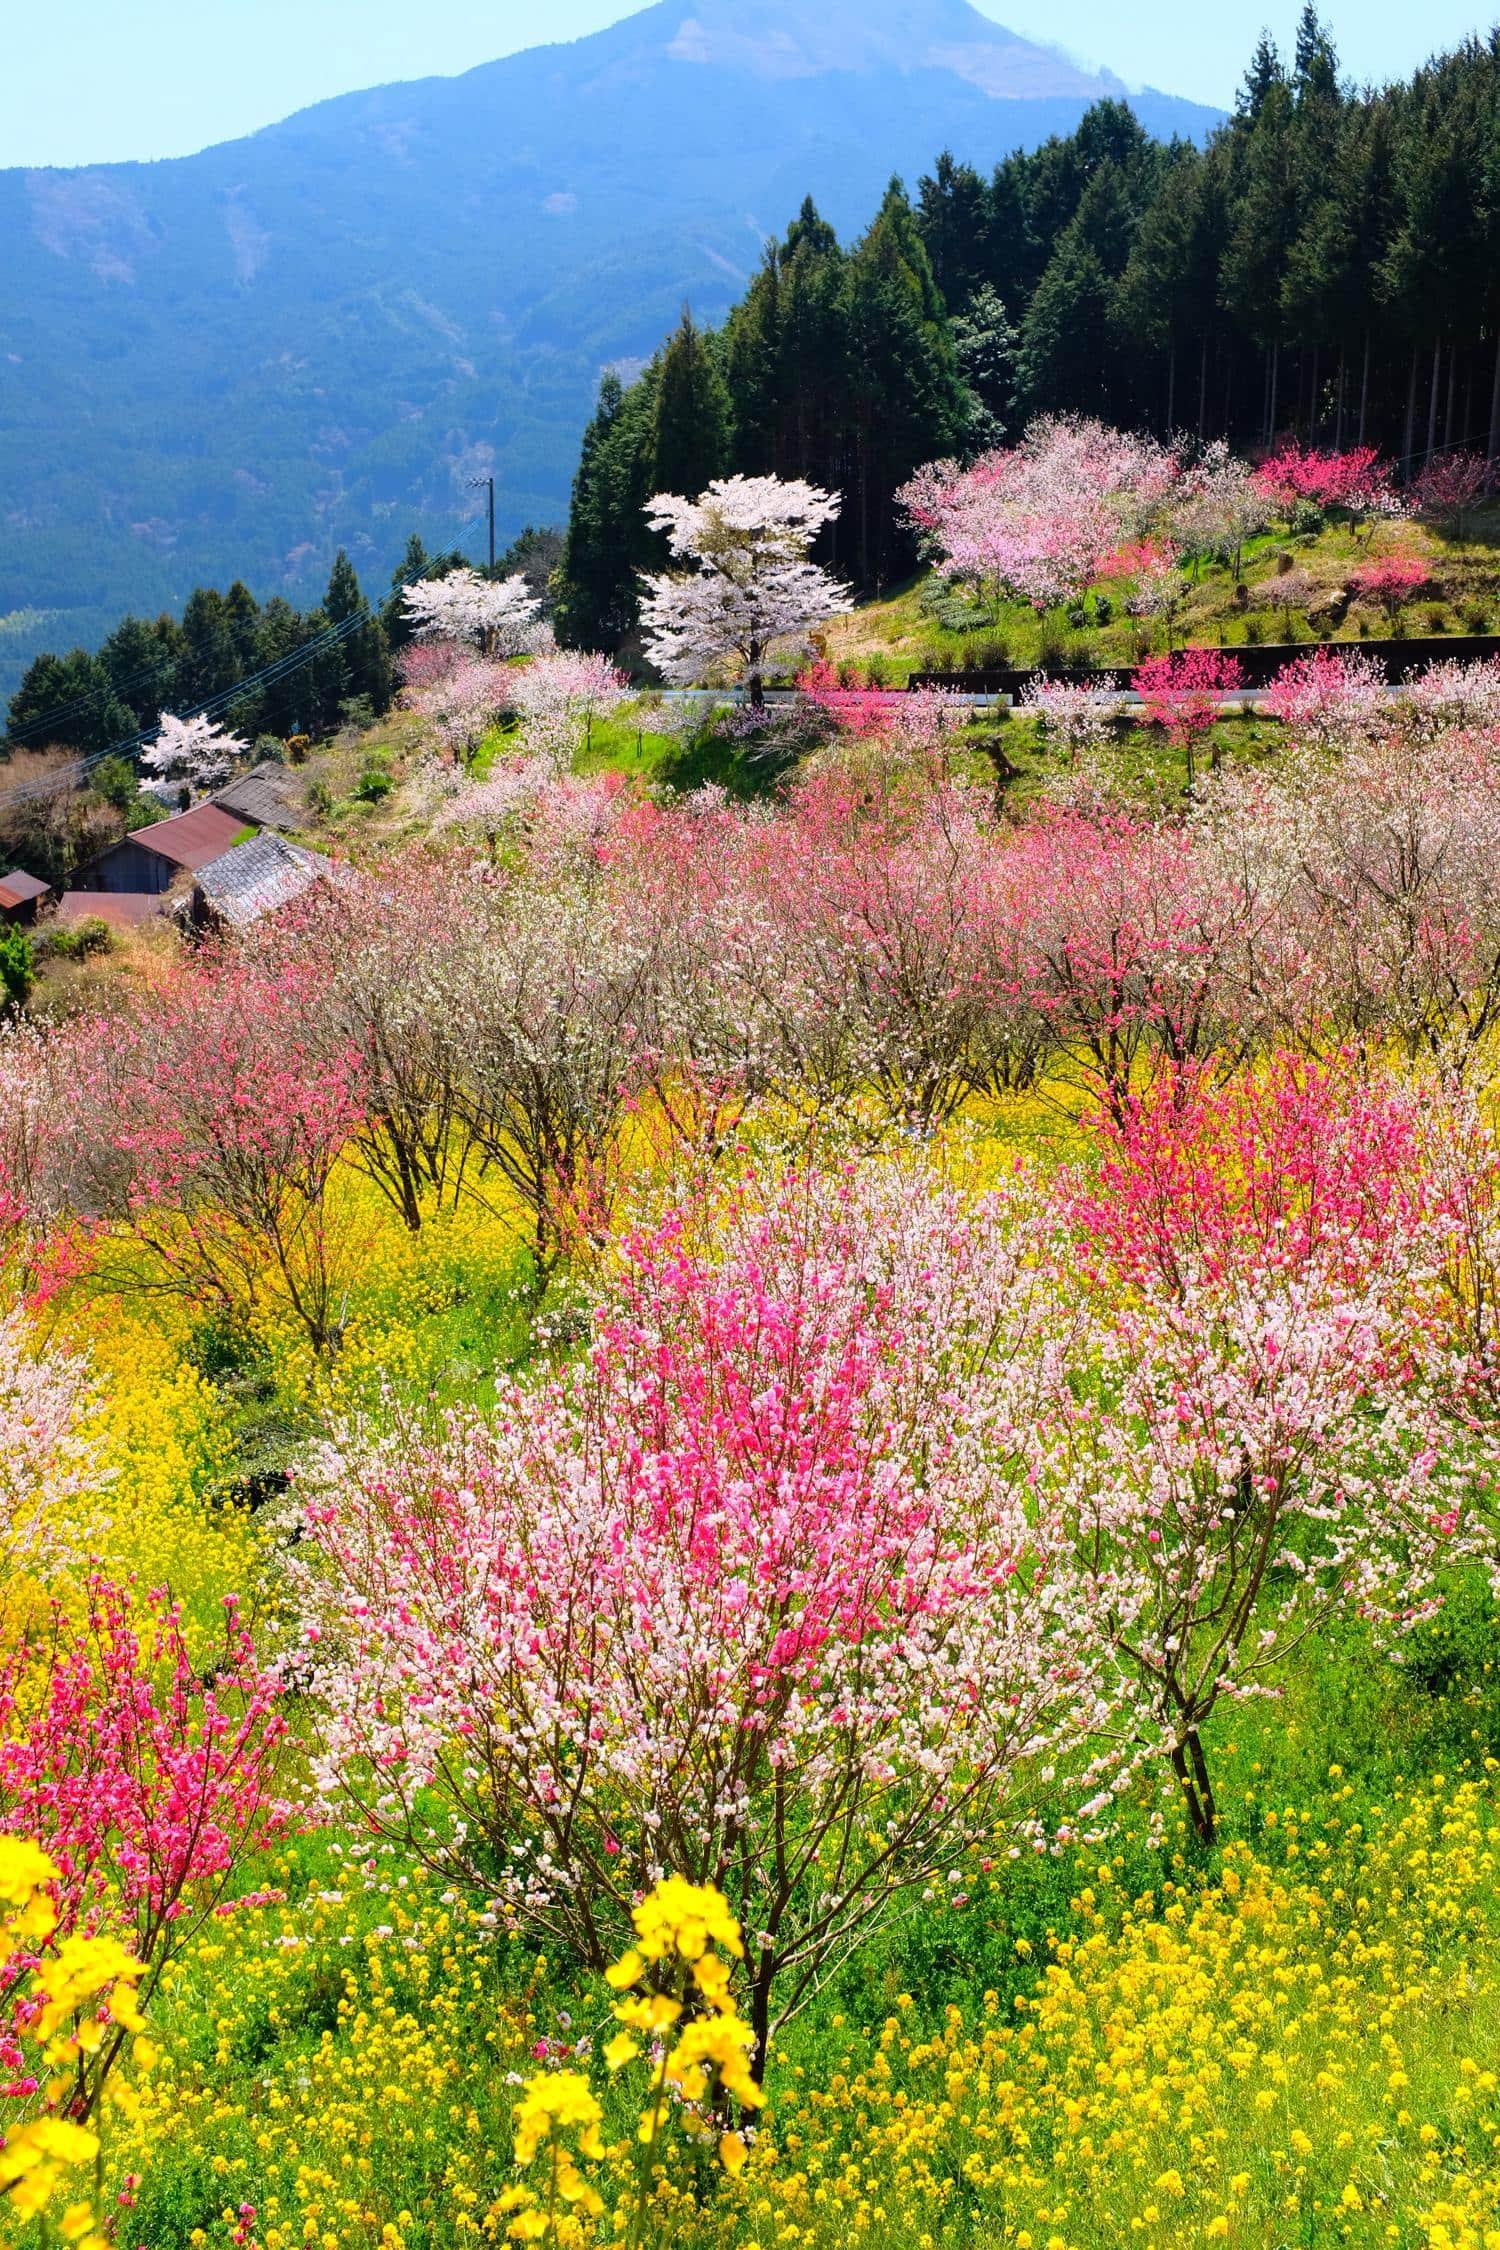 primavera paisaje de árboles en flor